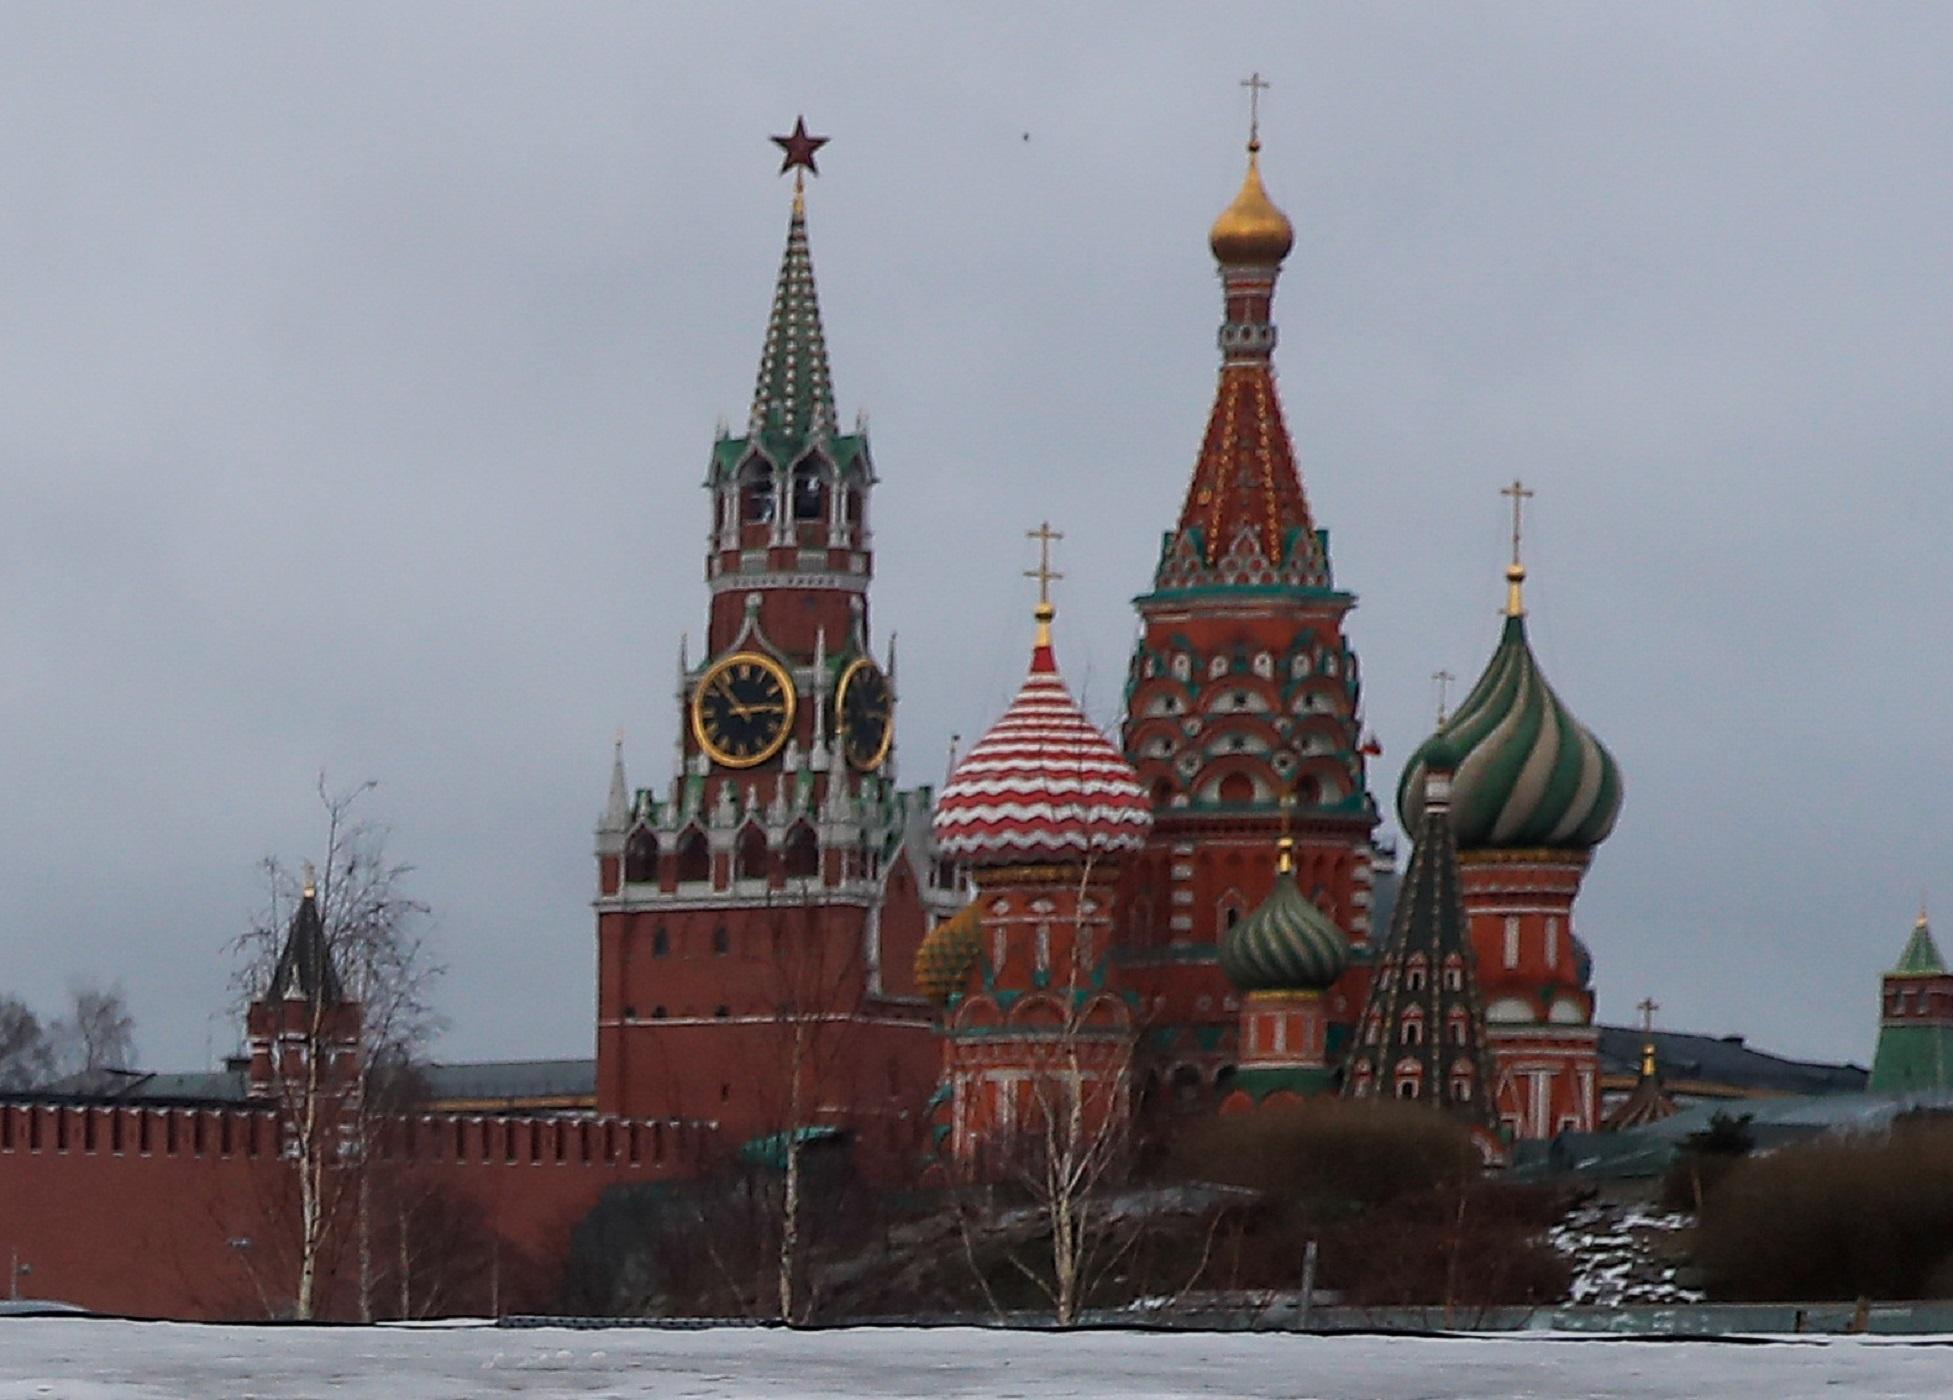 Κρεμλίνο: Προκλητικές και μη φιλικές ενέργειες η απέλαση 18 Ρώσων διπλωματών από την Τσεχία